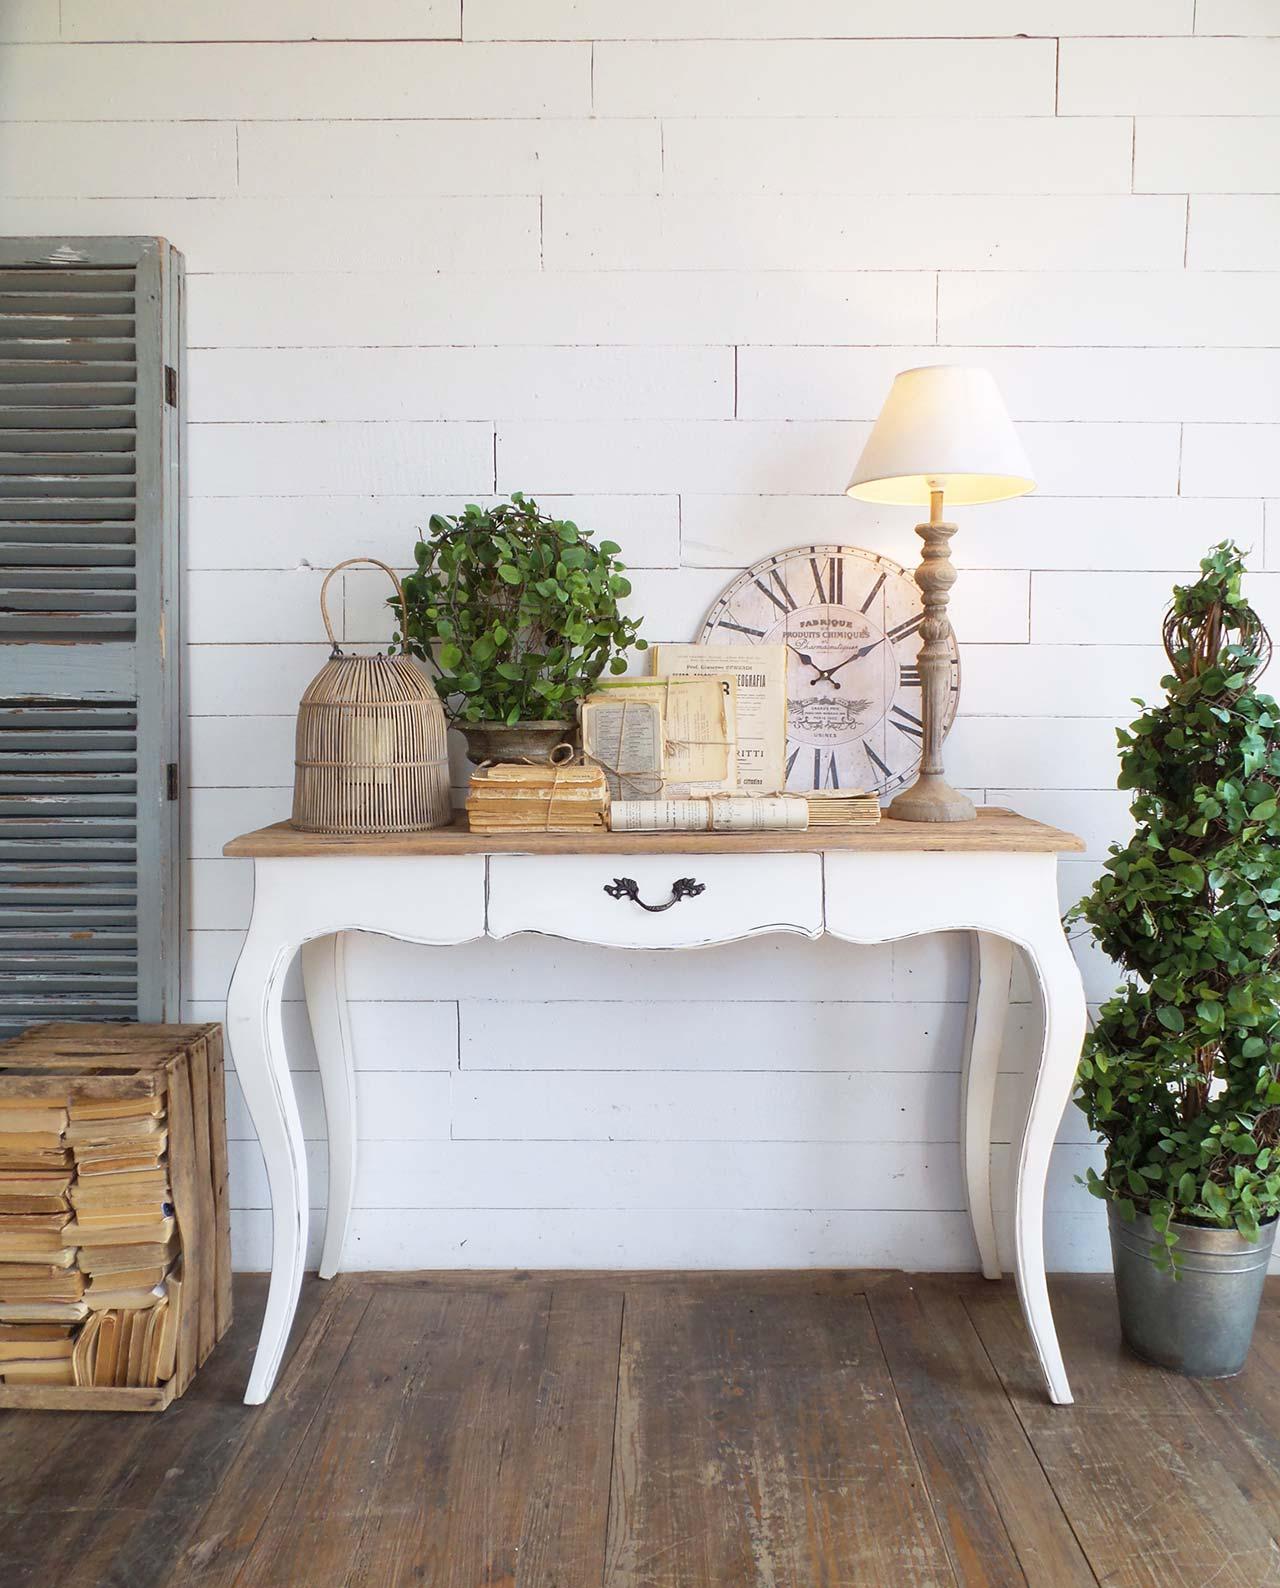 Arredamento casa consolle bianca in legno vintage for Consolle arredamento